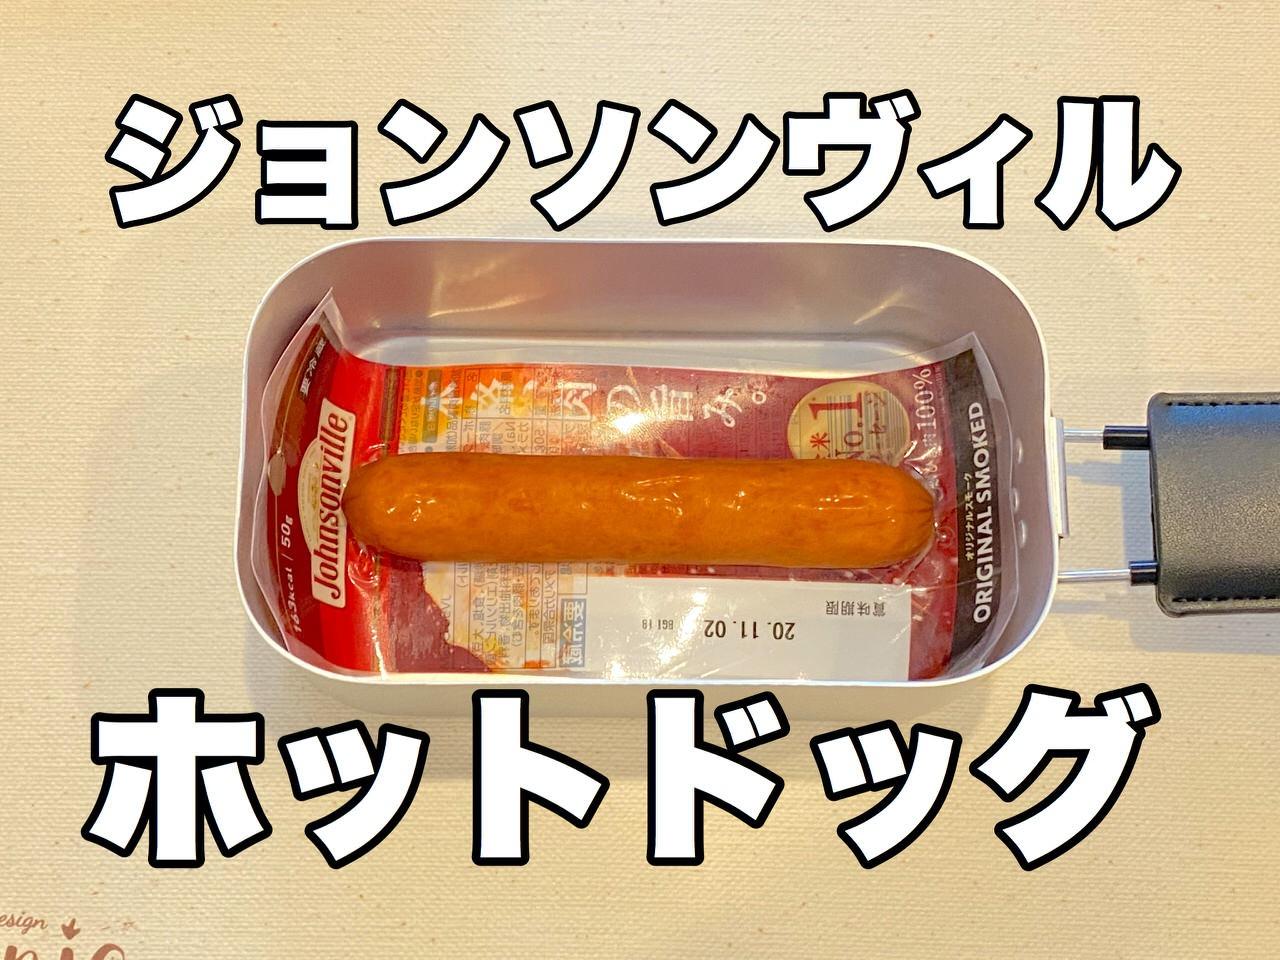 1本ずつ個包装でありがたいファミリーマートの「ジョンソンヴィル」ソーセージでホットドッグを作ってみた